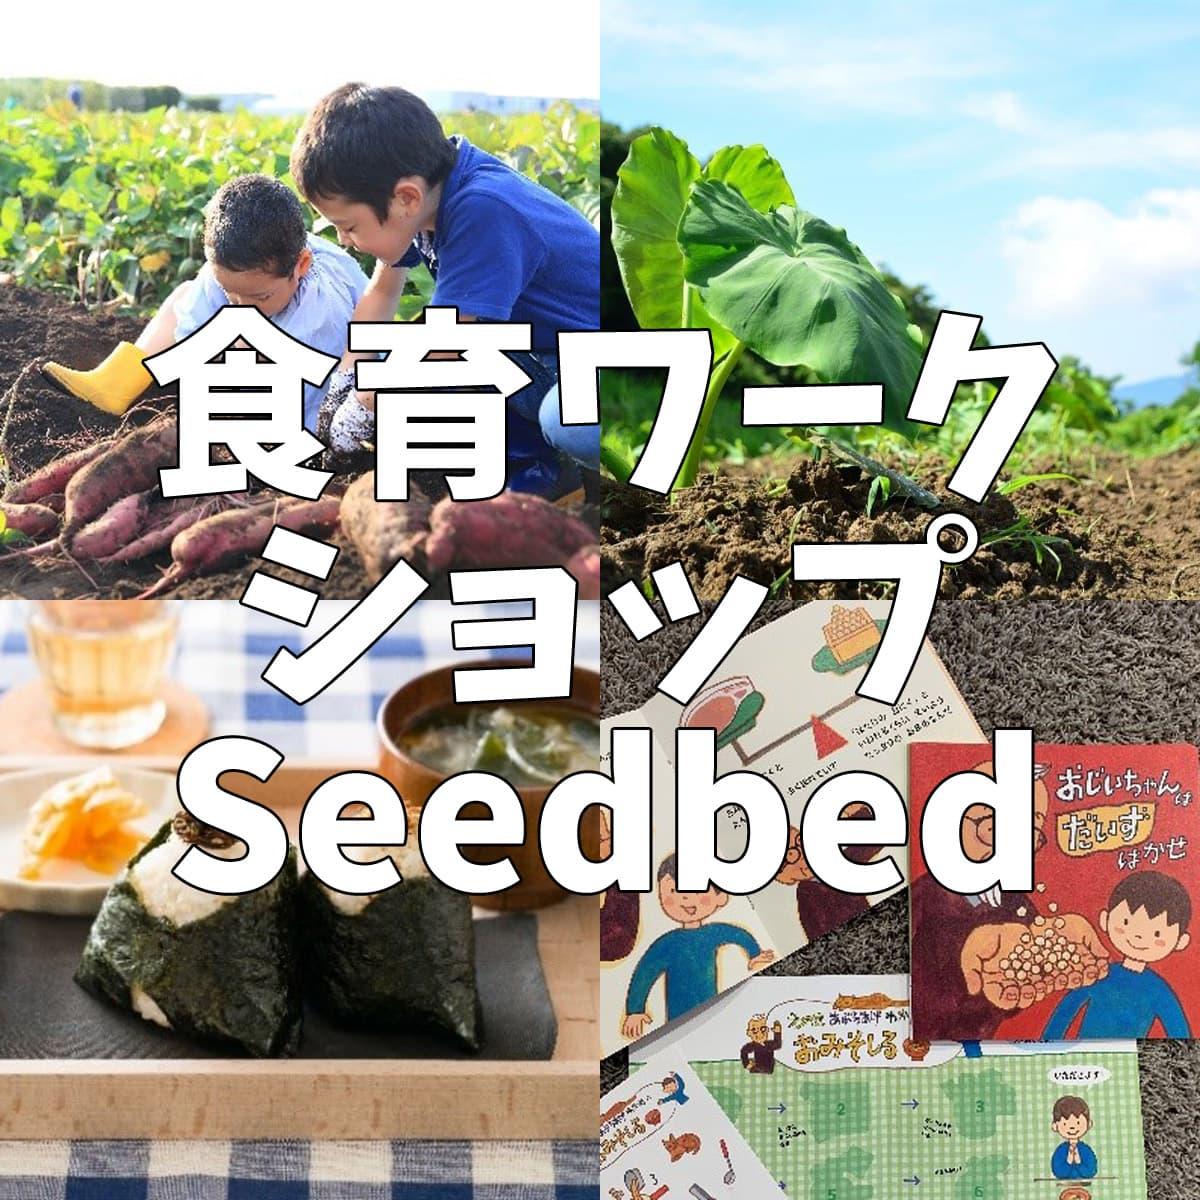 淡路島食育ワークショップ Seedbed